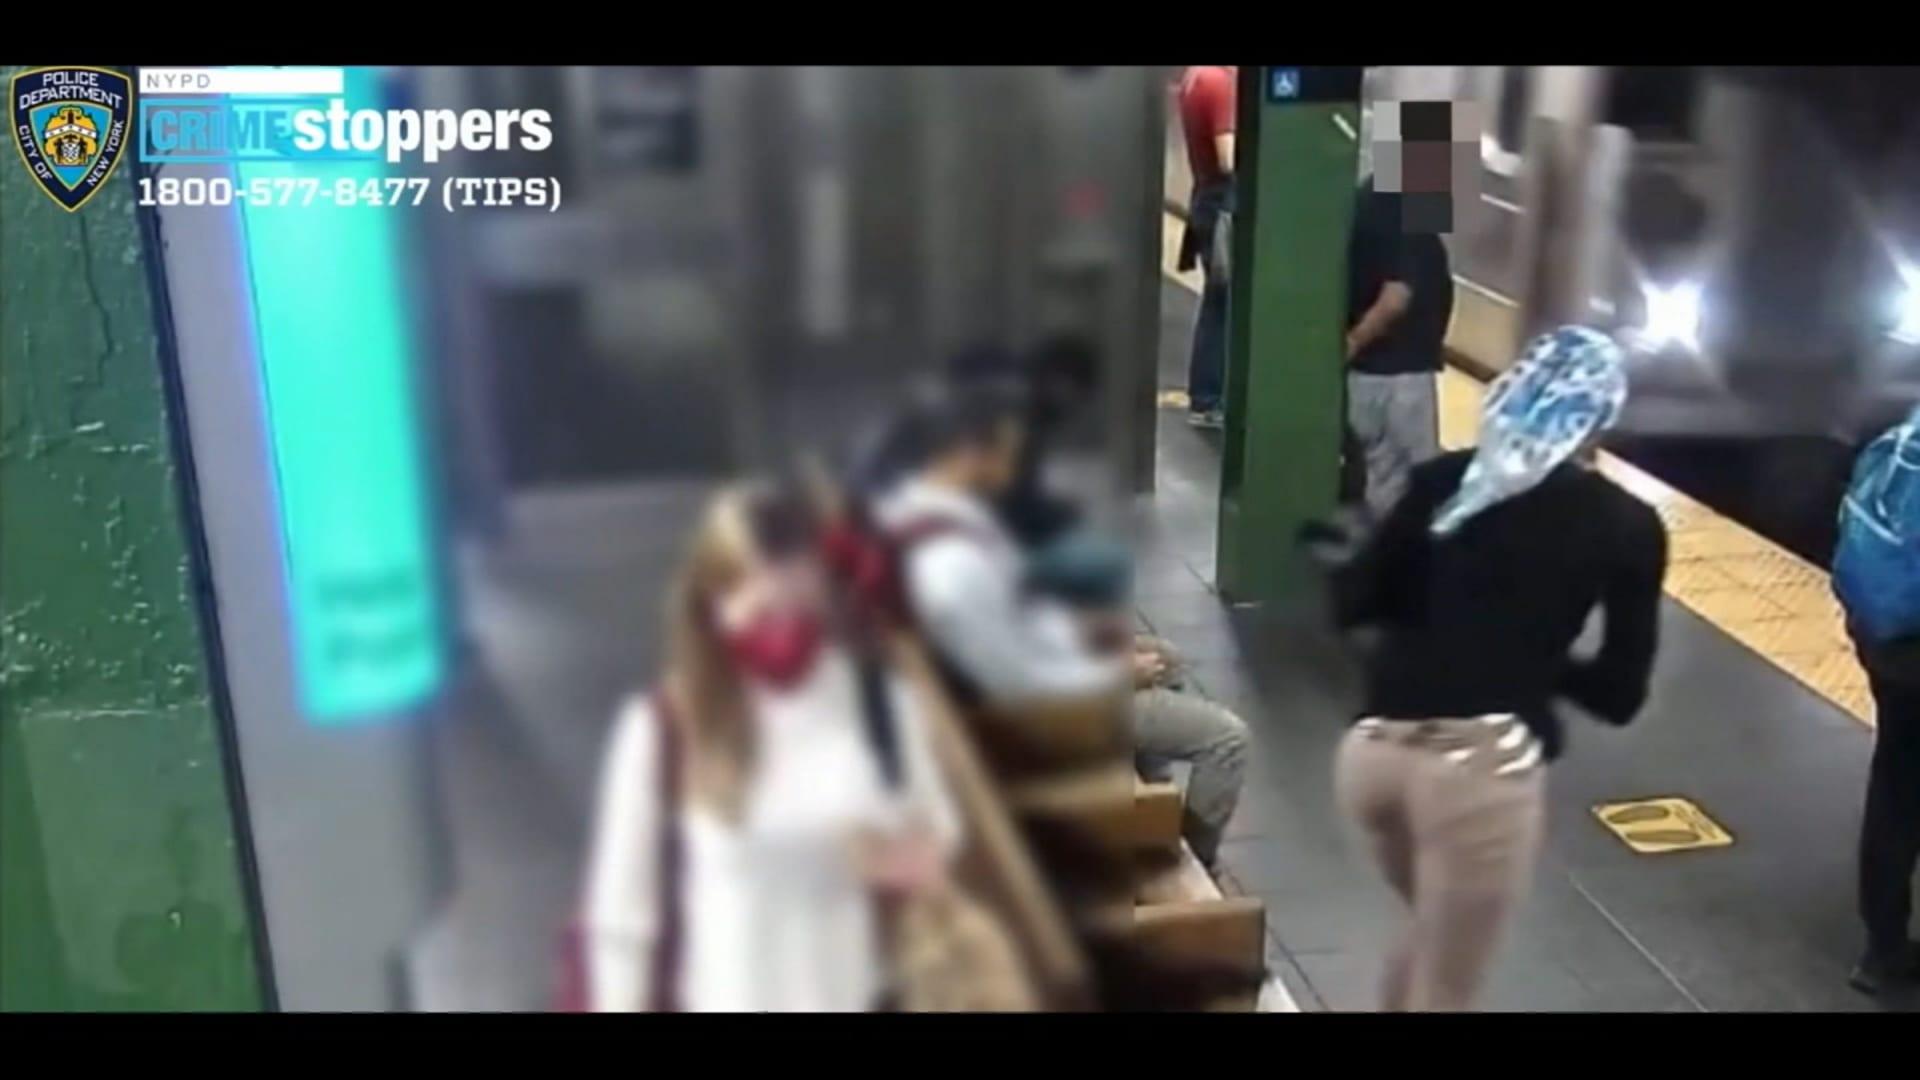 فيديو يُظهر امرأة تباغت أخرى وتدفعها بعنف نحو سكة قطار الأنفاق عند وصوله للمحطة